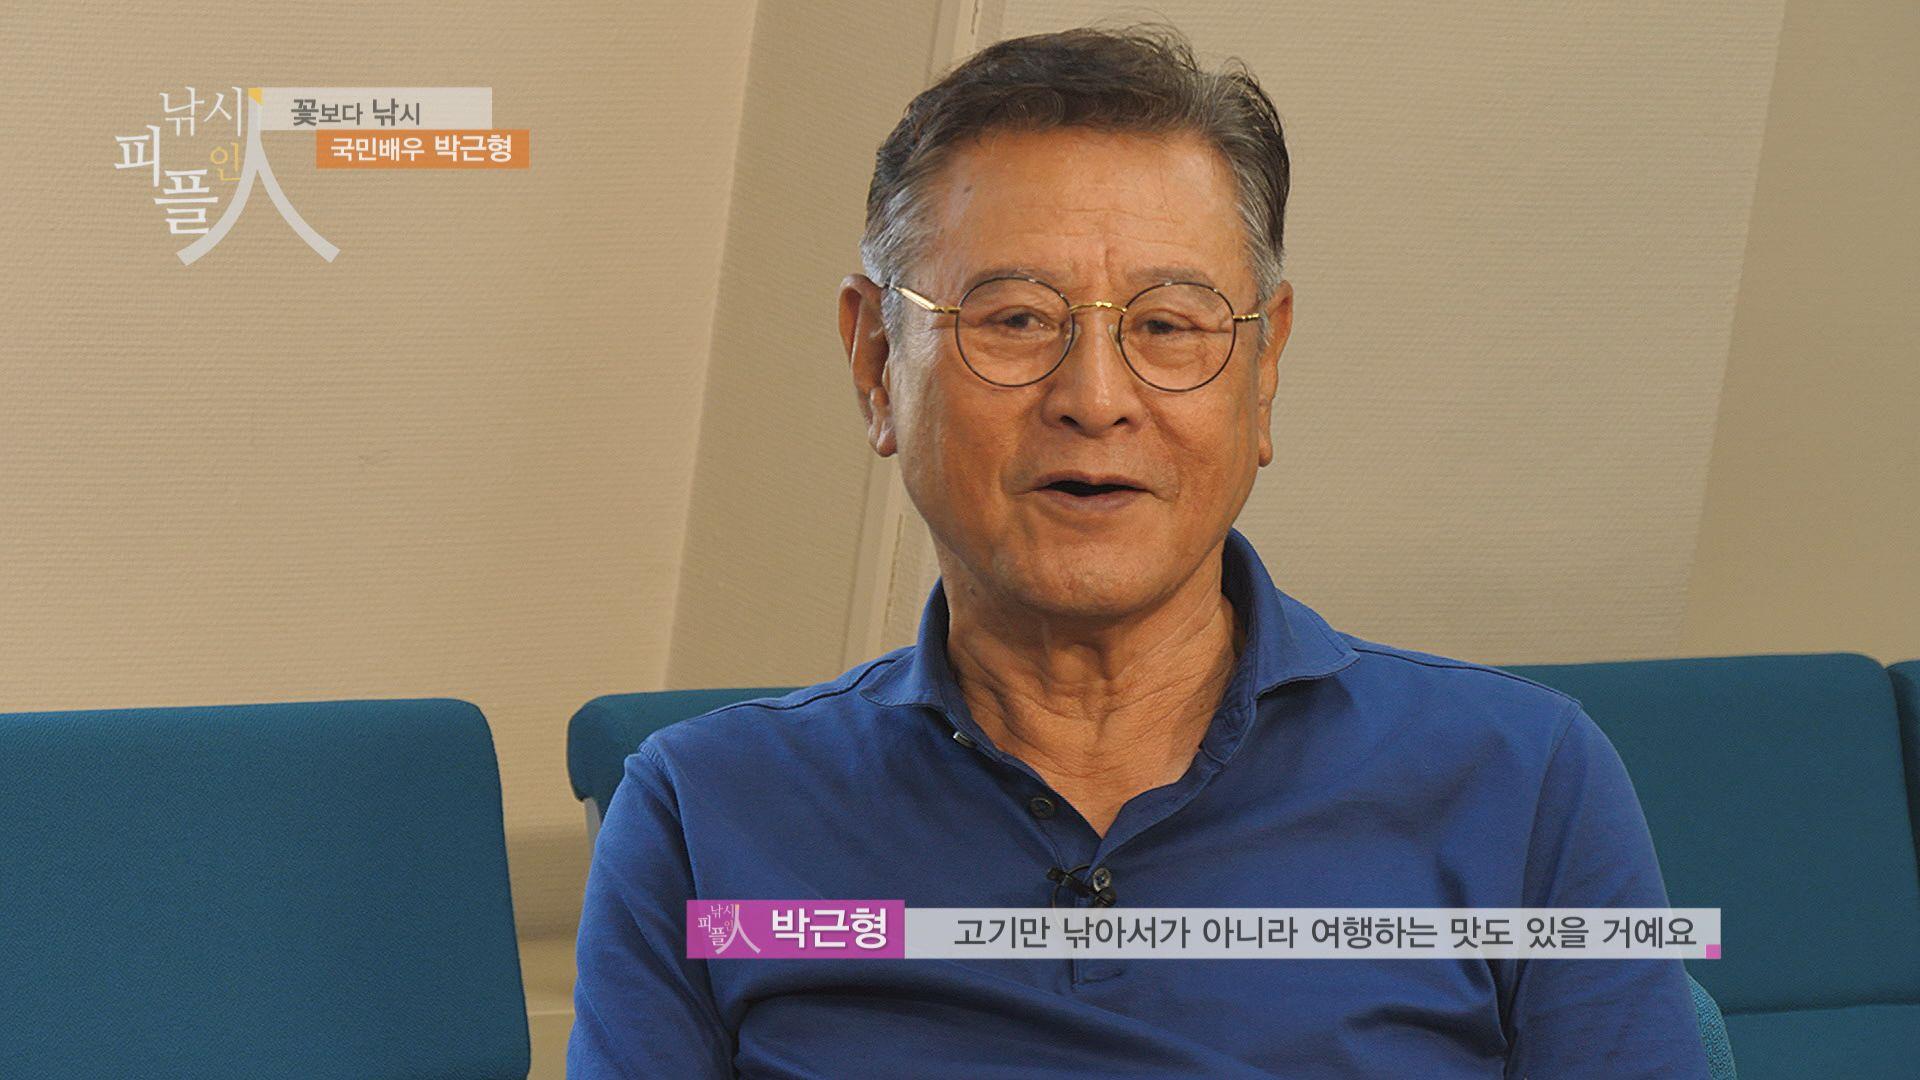 '꽃할배' 배우 박근형, 낚시를 가면 편안하고 머리를 맑게 해줘 나에겐 '둥지' 같은 존재